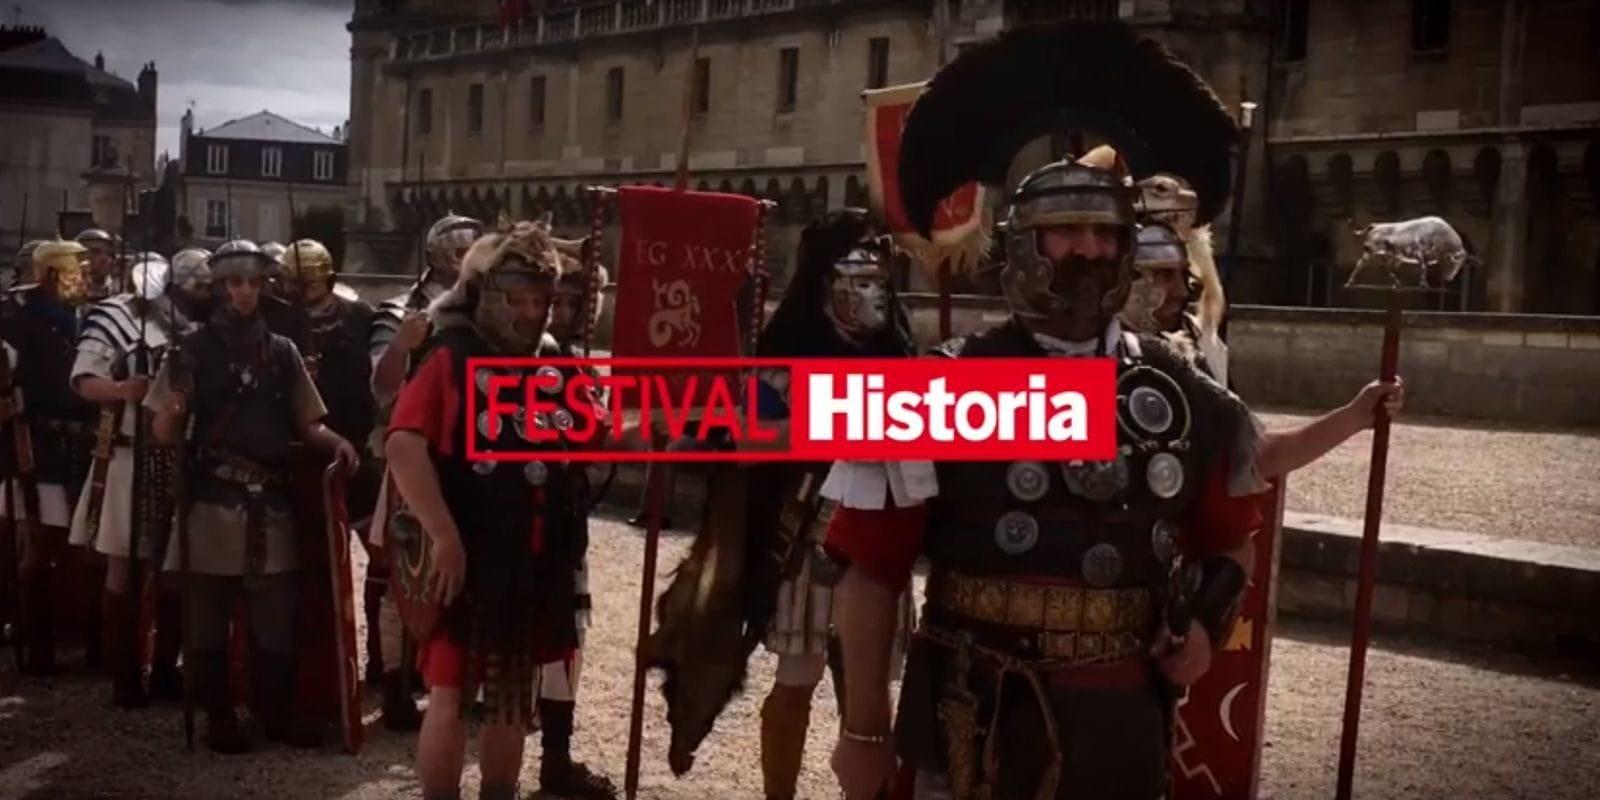 Le festival Historia, trois jours pour vivre une Histoire en fête